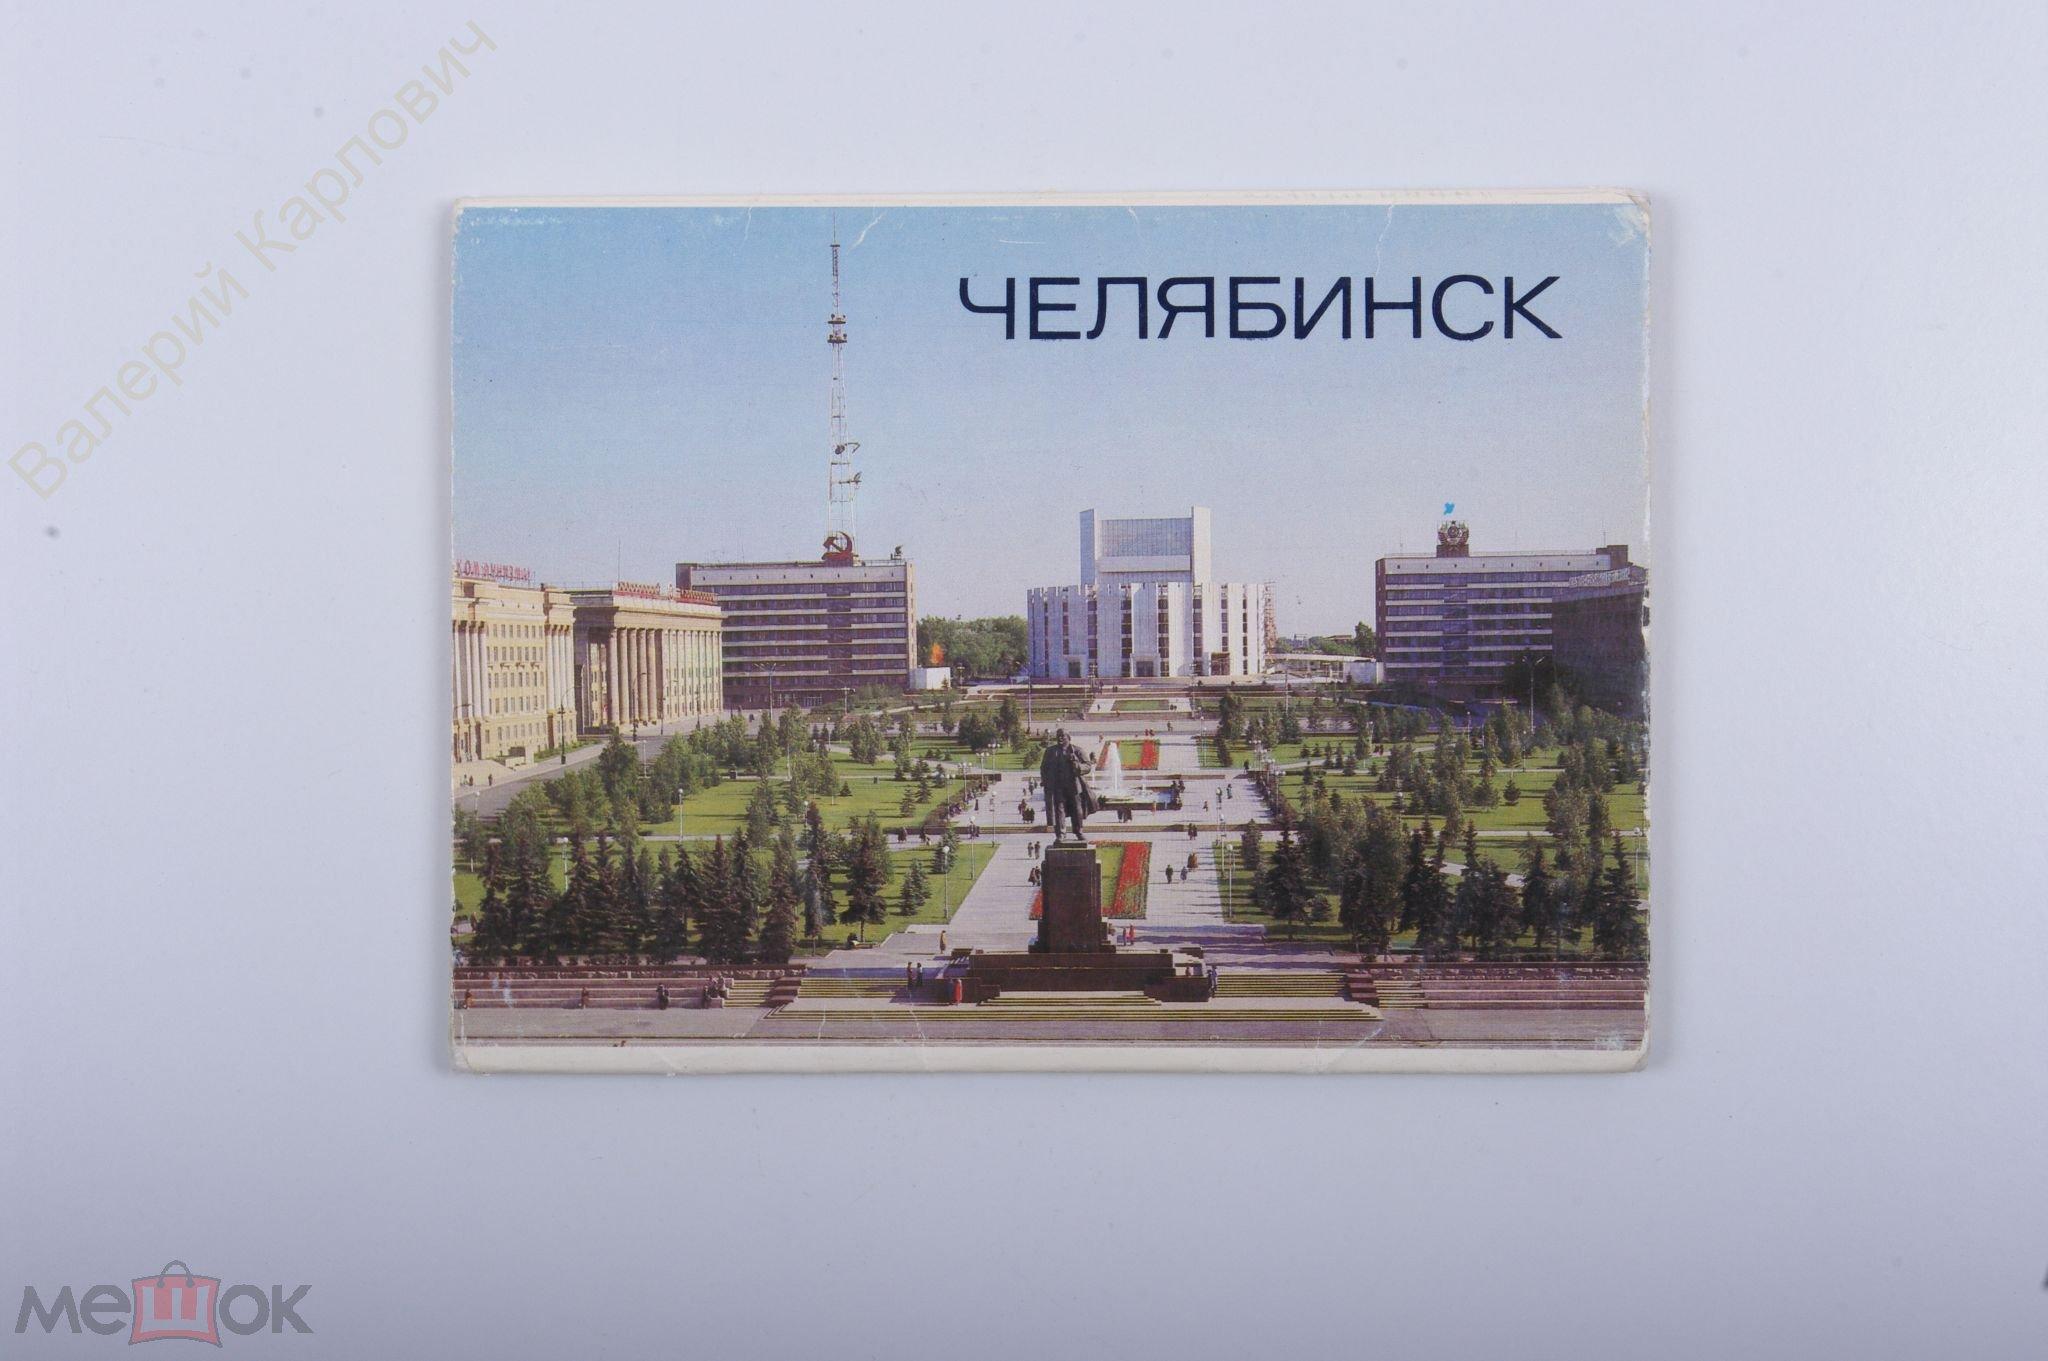 Доставка открыток по челябинску, майках